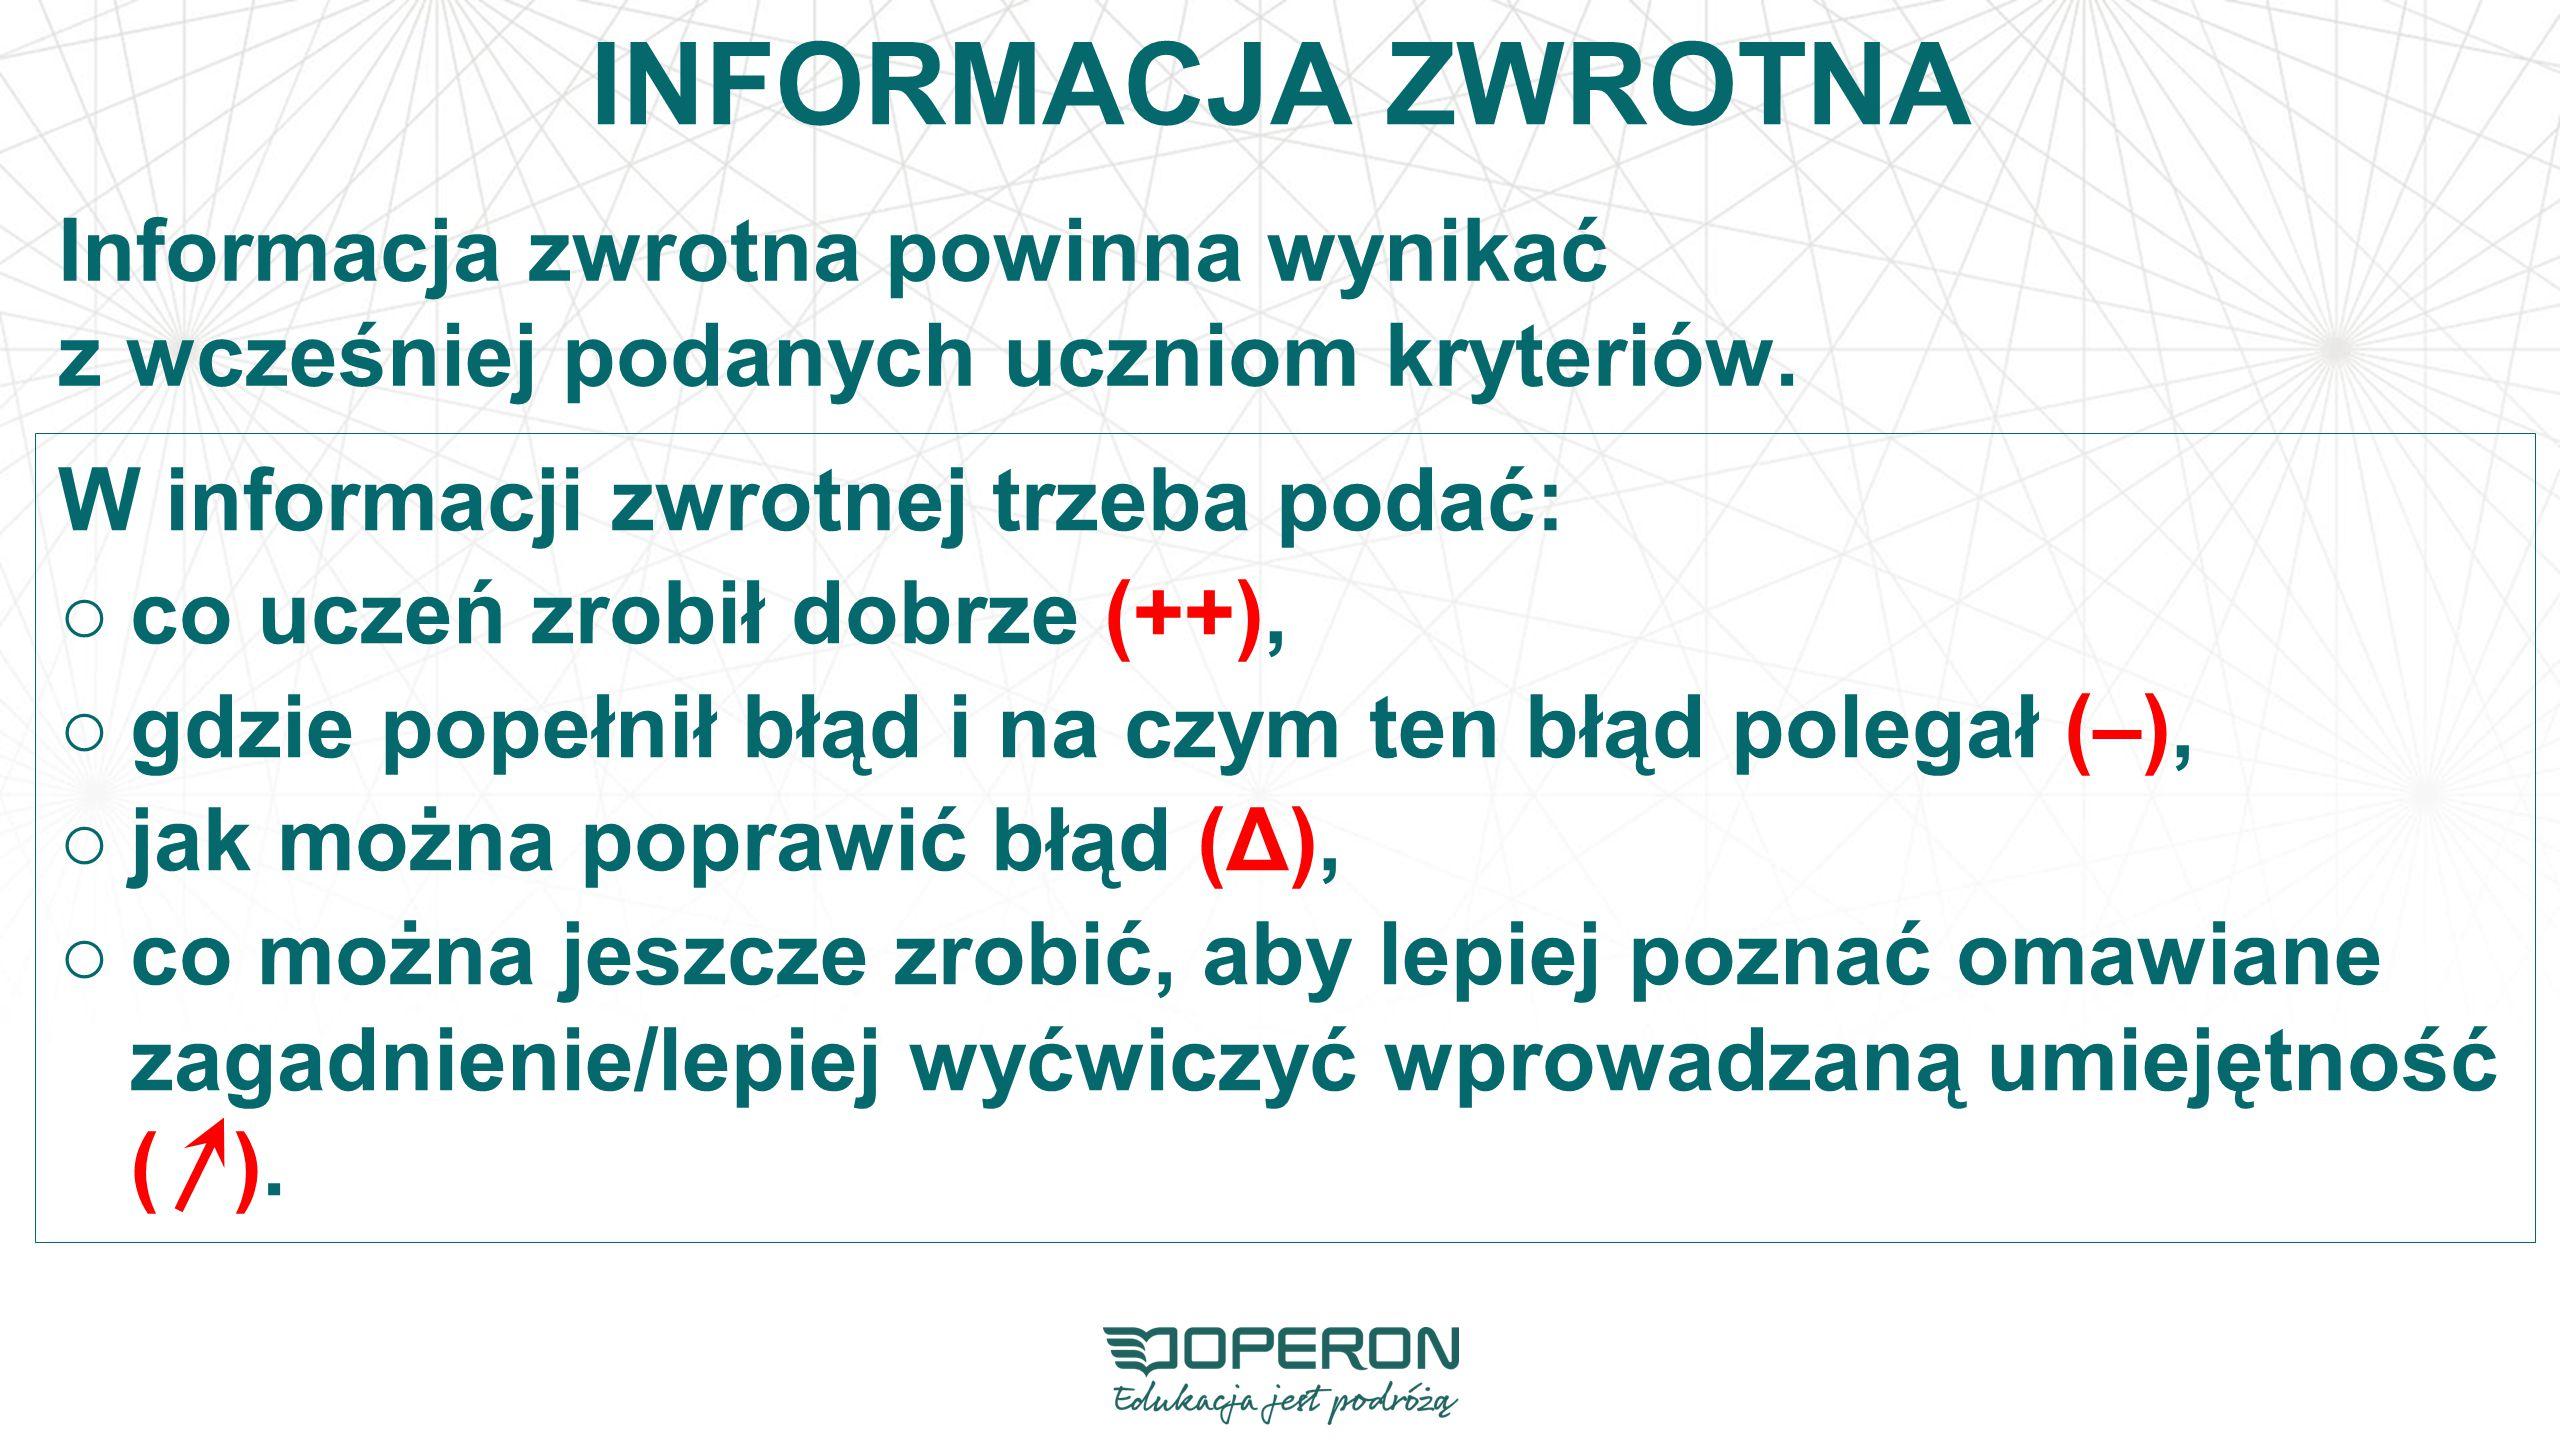 INFORMACJA ZWROTNA Informacja zwrotna powinna wynikać z wcześniej podanych uczniom kryteriów. W informacji zwrotnej trzeba podać: